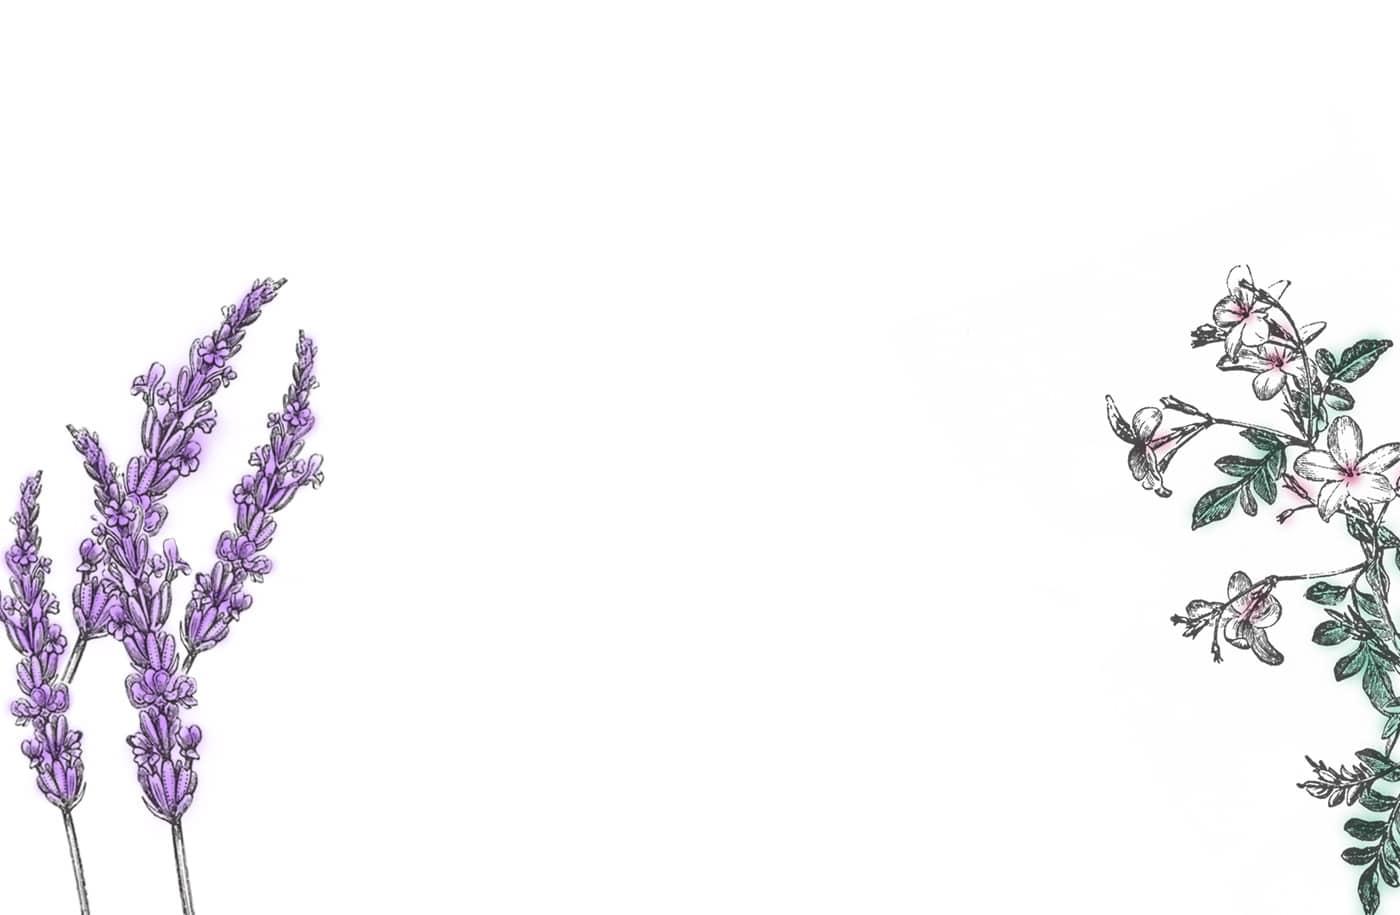 Wellbeing-lavender-jasmine-background